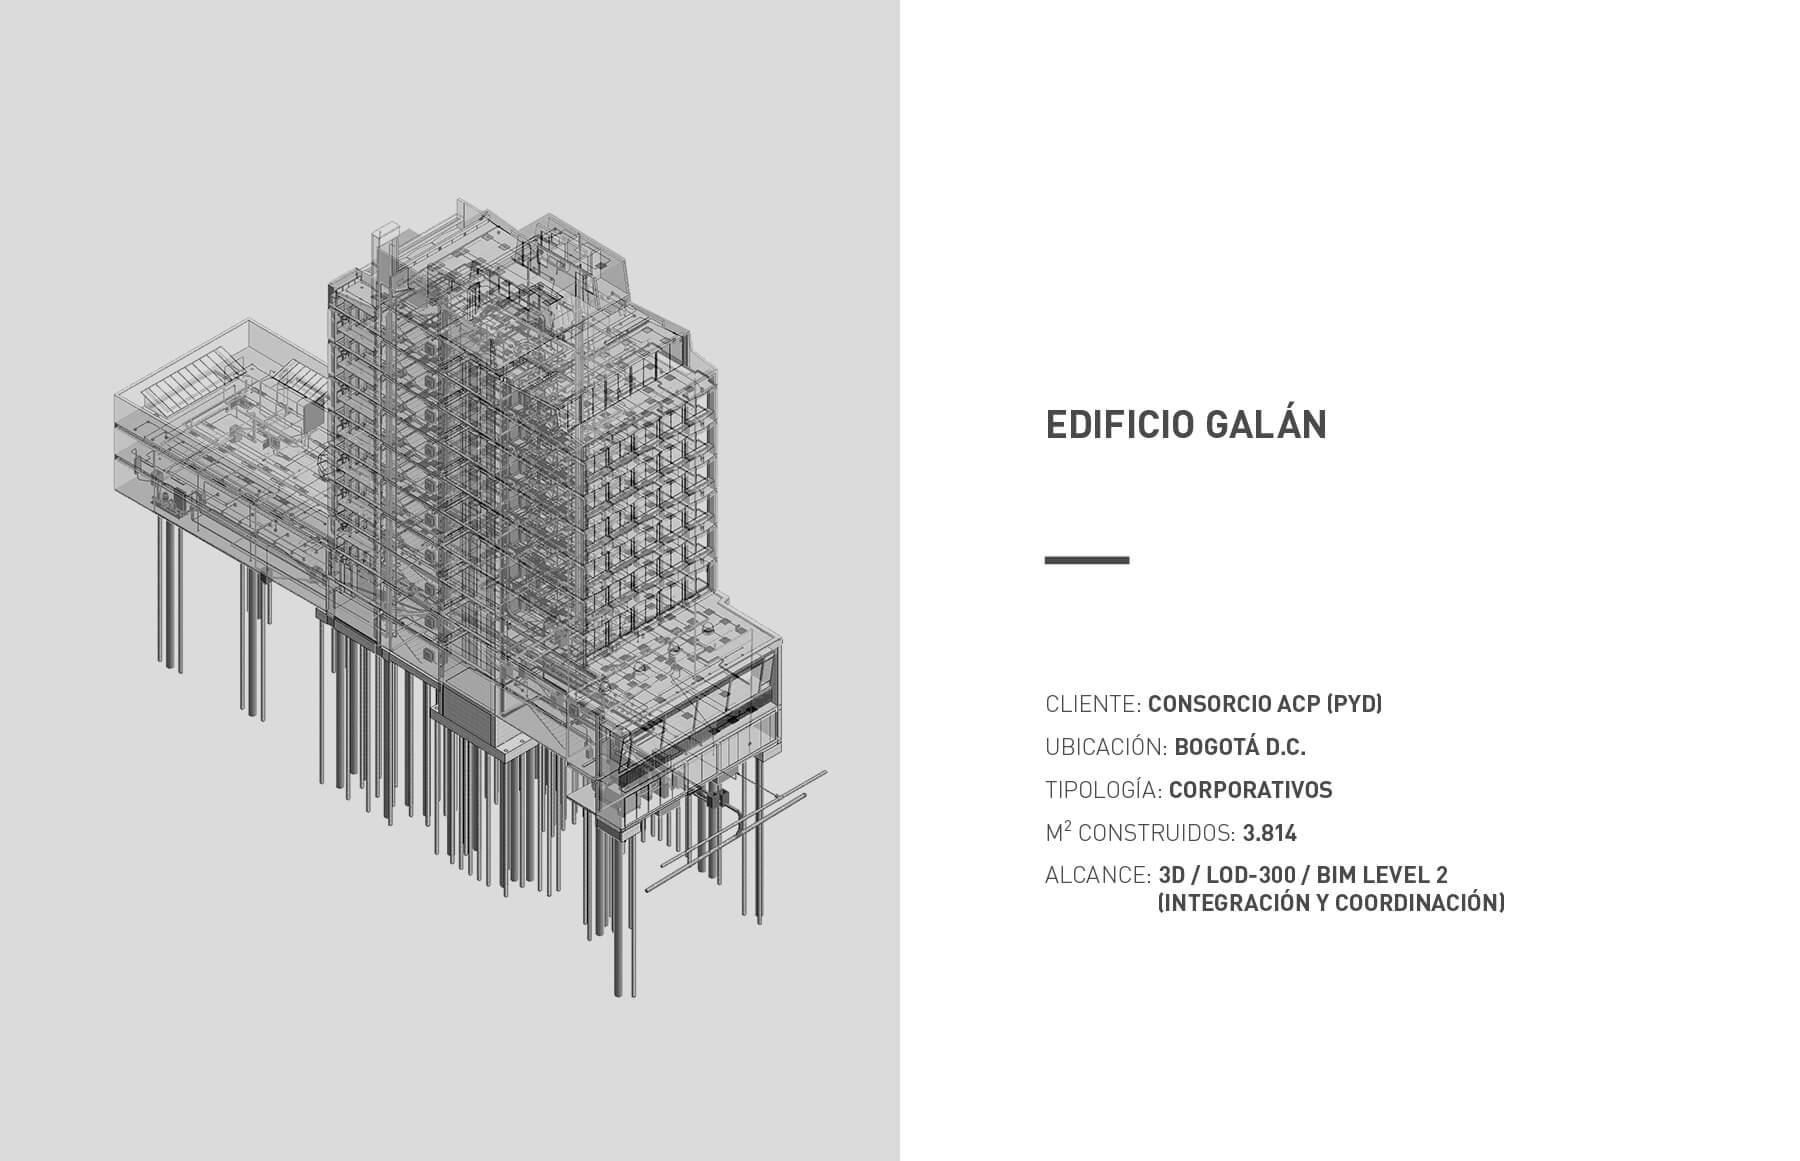 Edificio Galán